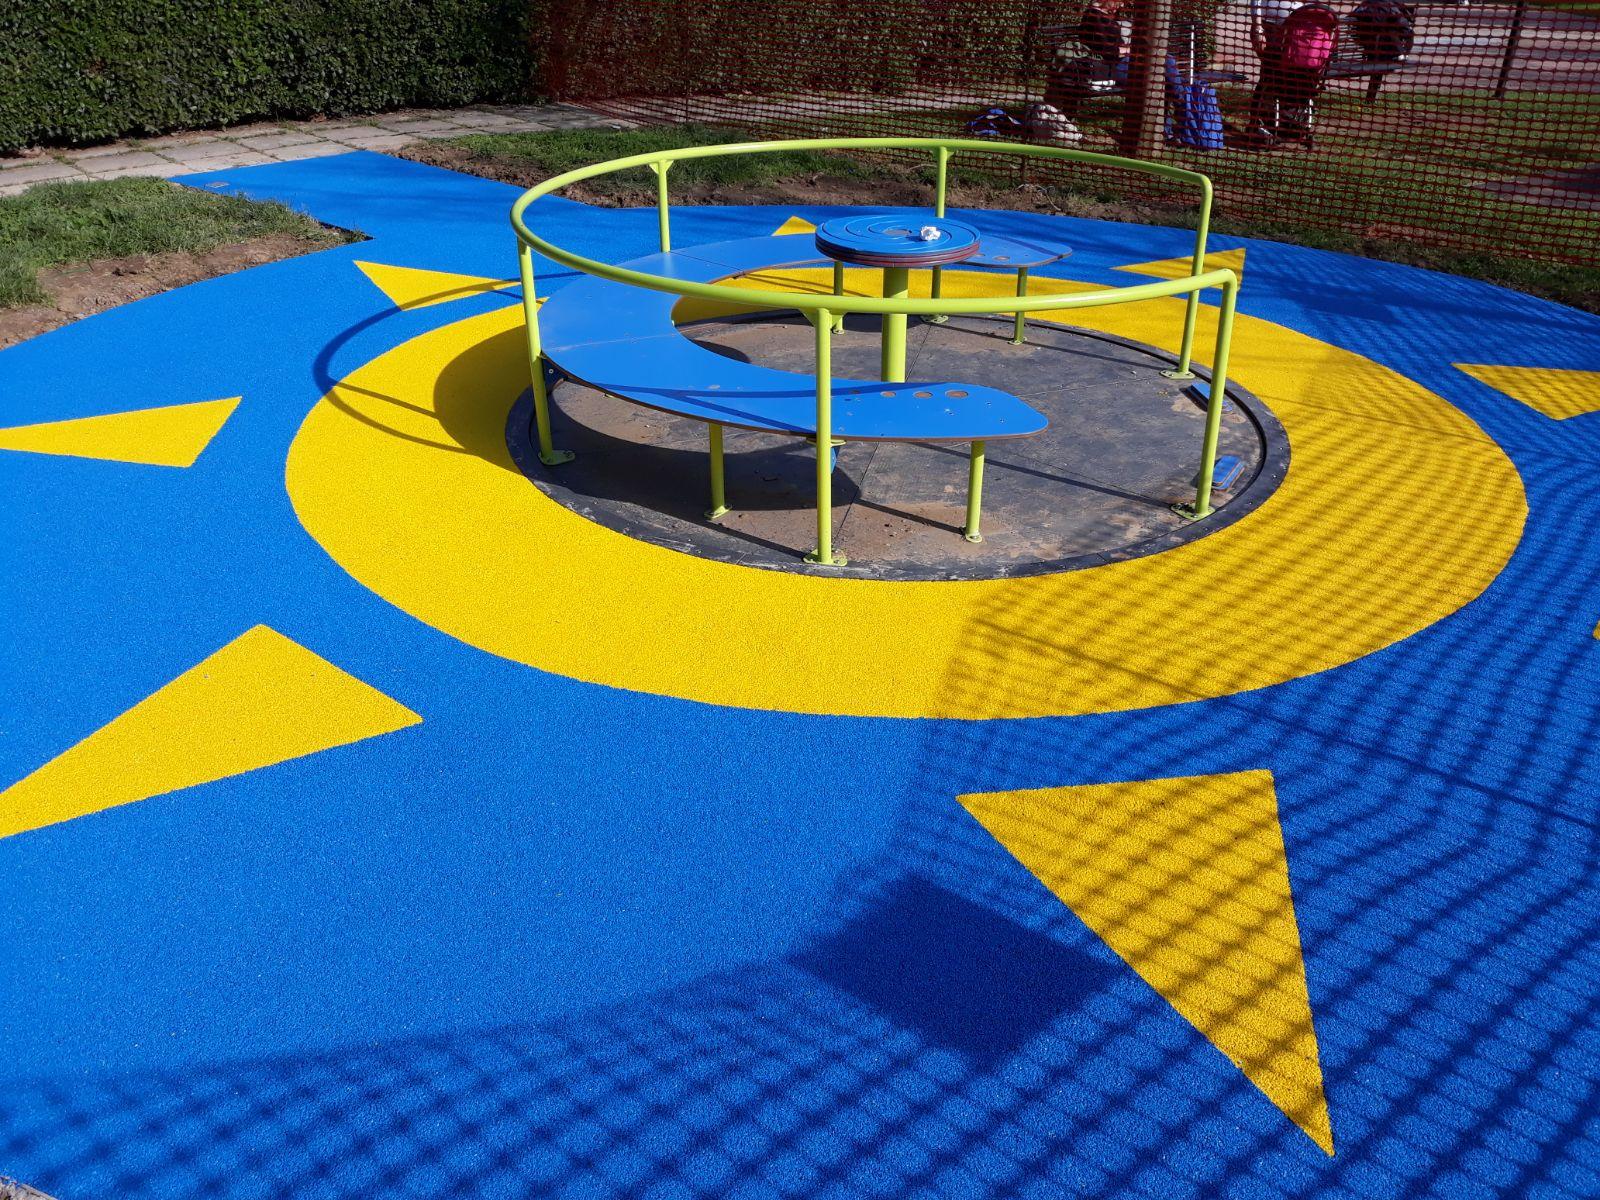 Giochi Per Bambini In Giardino nuovi giochi per bambini installati in 14 aree verdi - gonews.it